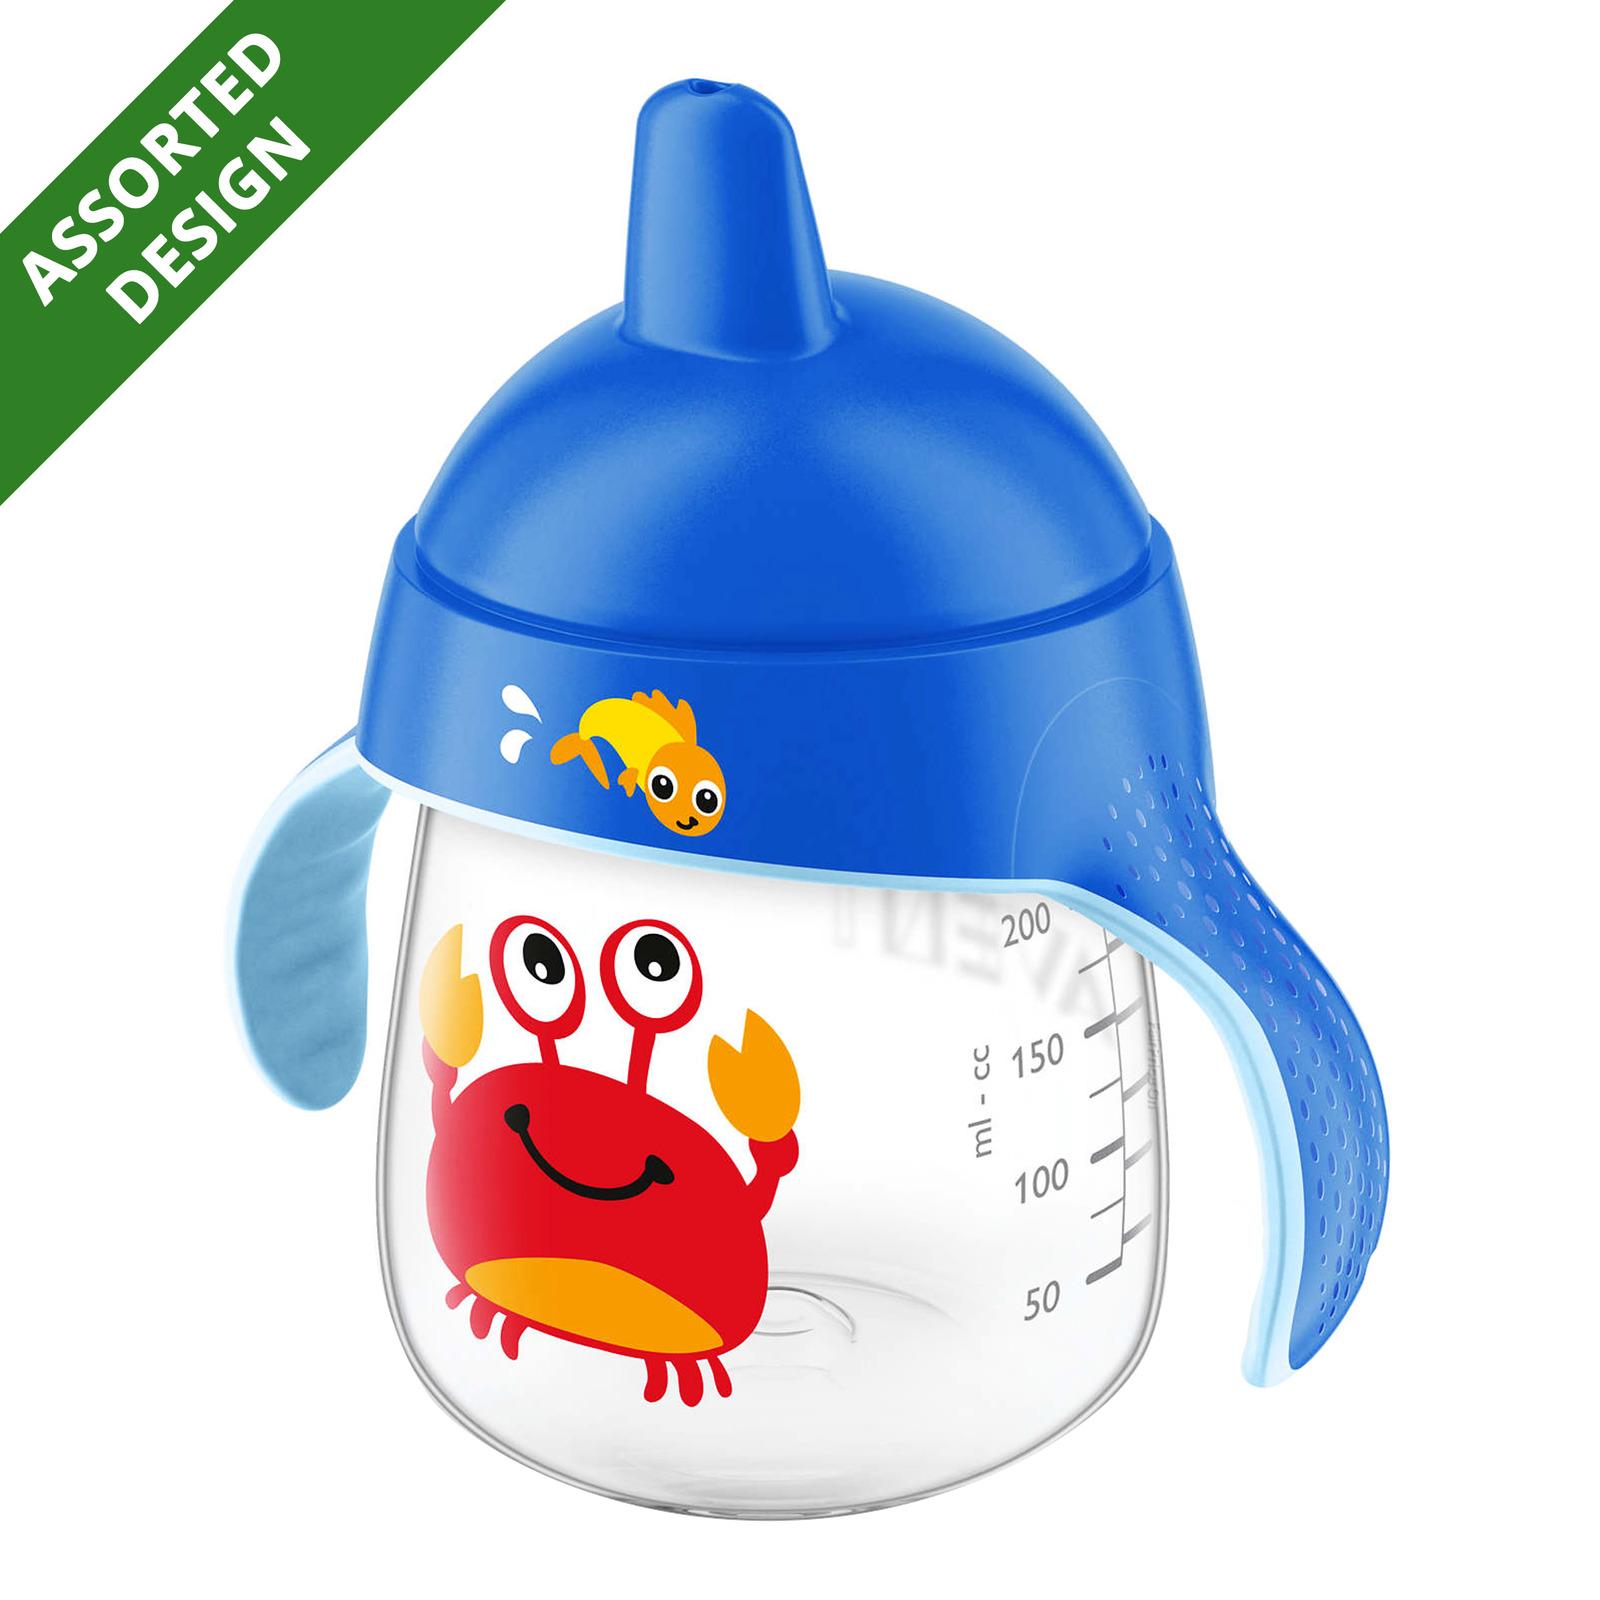 Philips Avent Premium Spout Cup - Fish/Crab (12+ months)